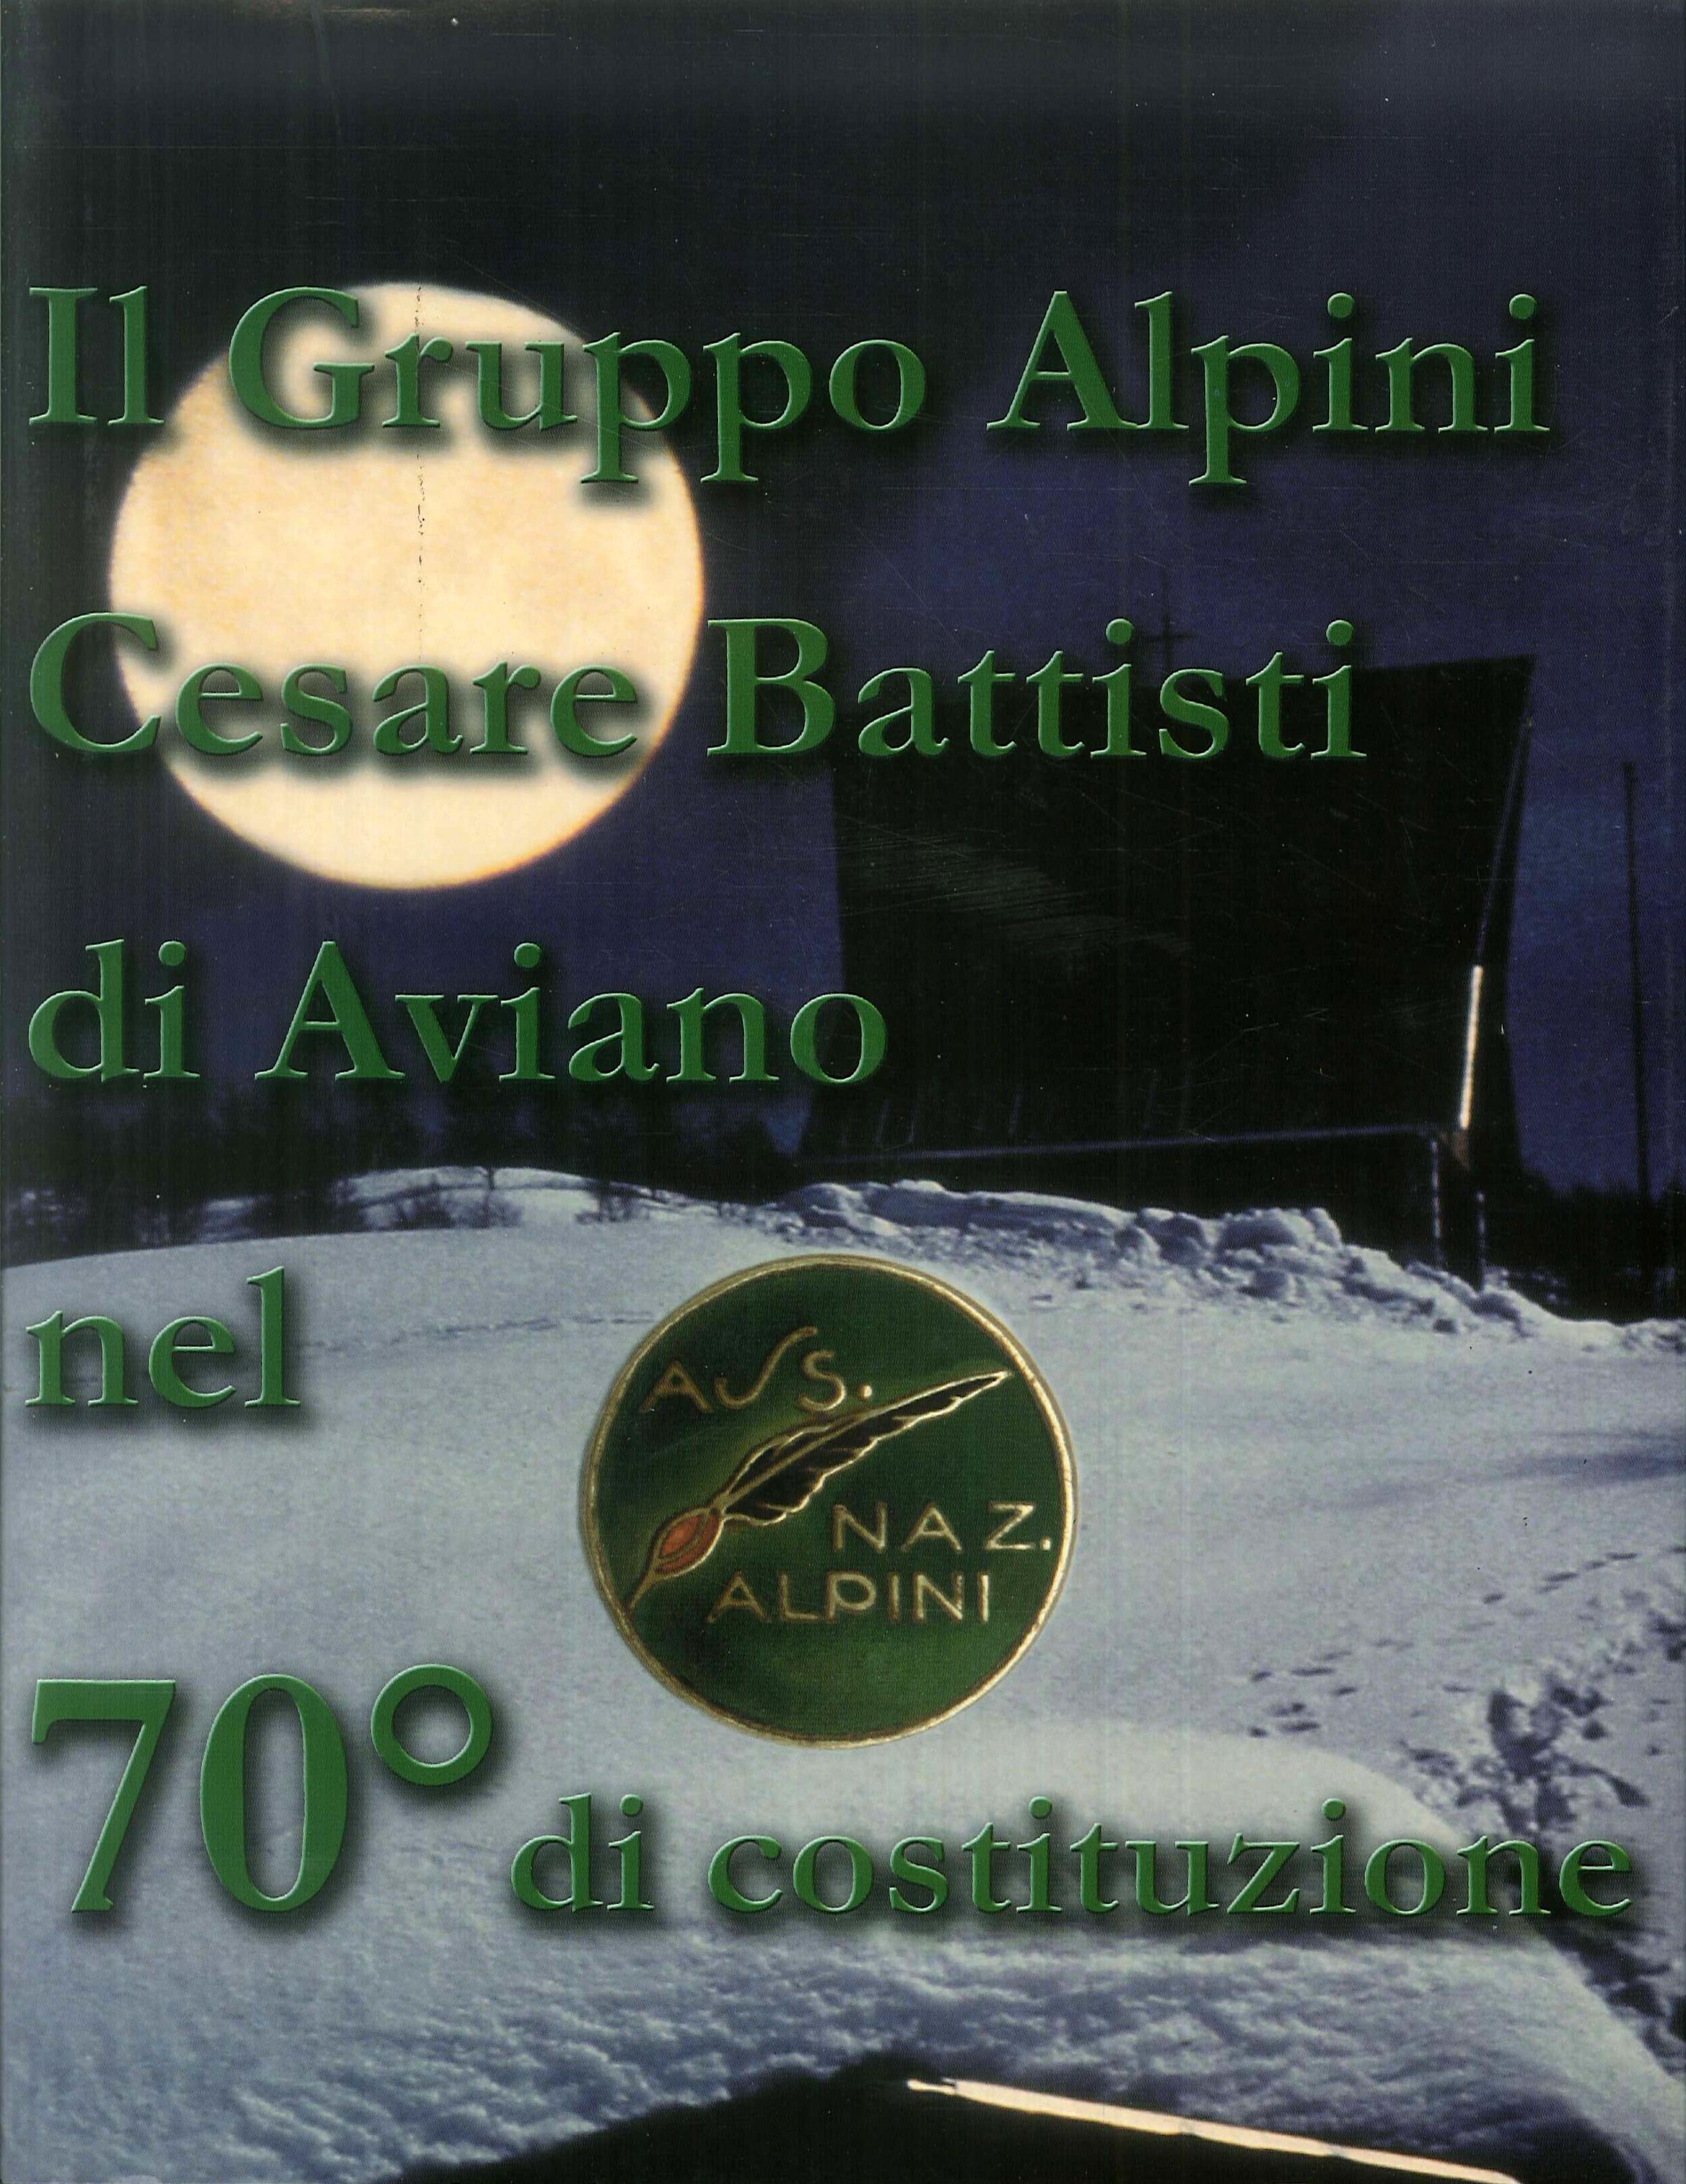 Il gruppo alpini Cesare Battisti di Aviano nel 70. di costituzione. Gruppo alpini Cesare Battisti di Aviano